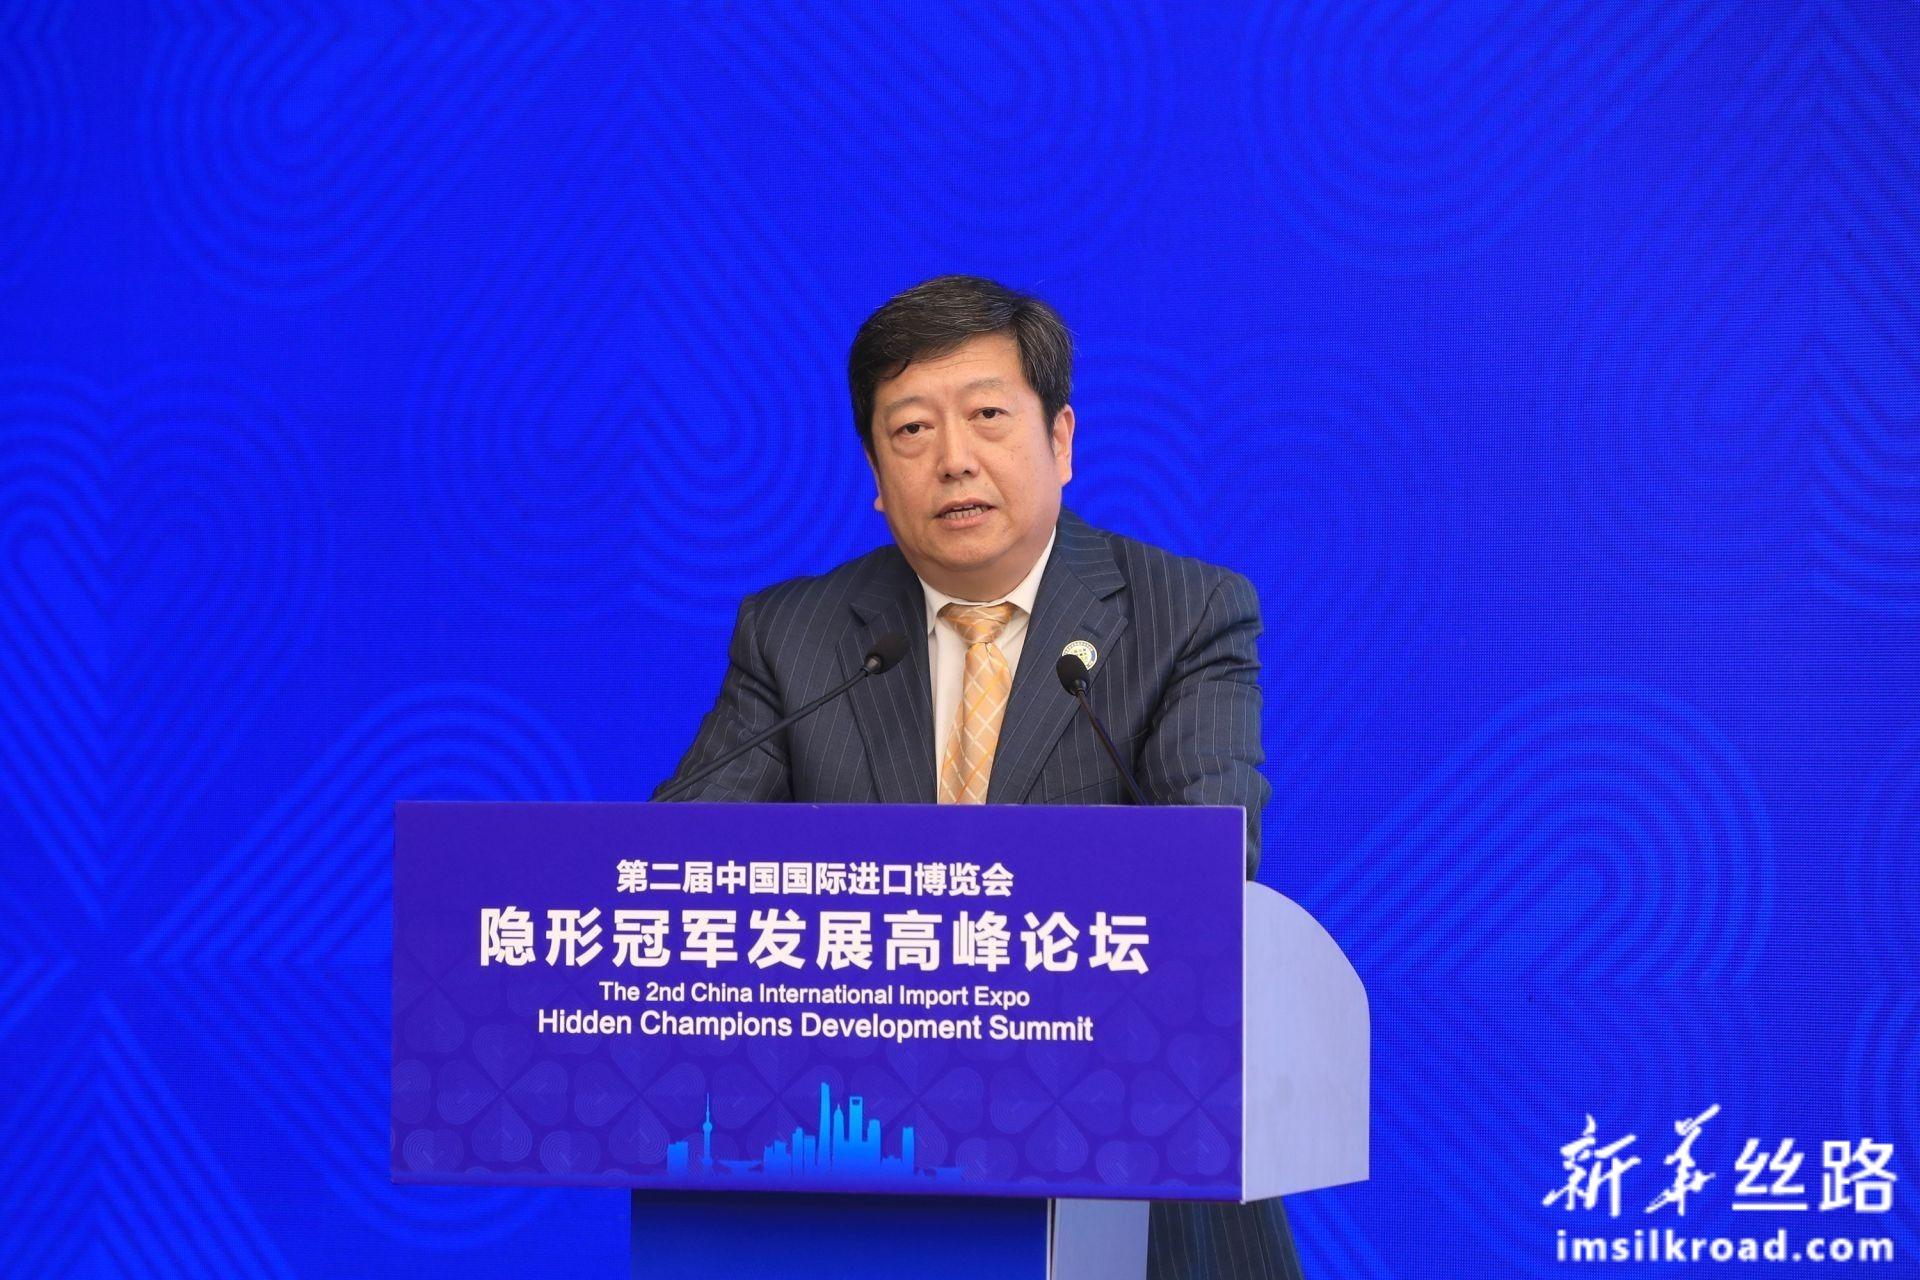 国家市场监督管理总局质量发展局局长黄国梁先生致辞